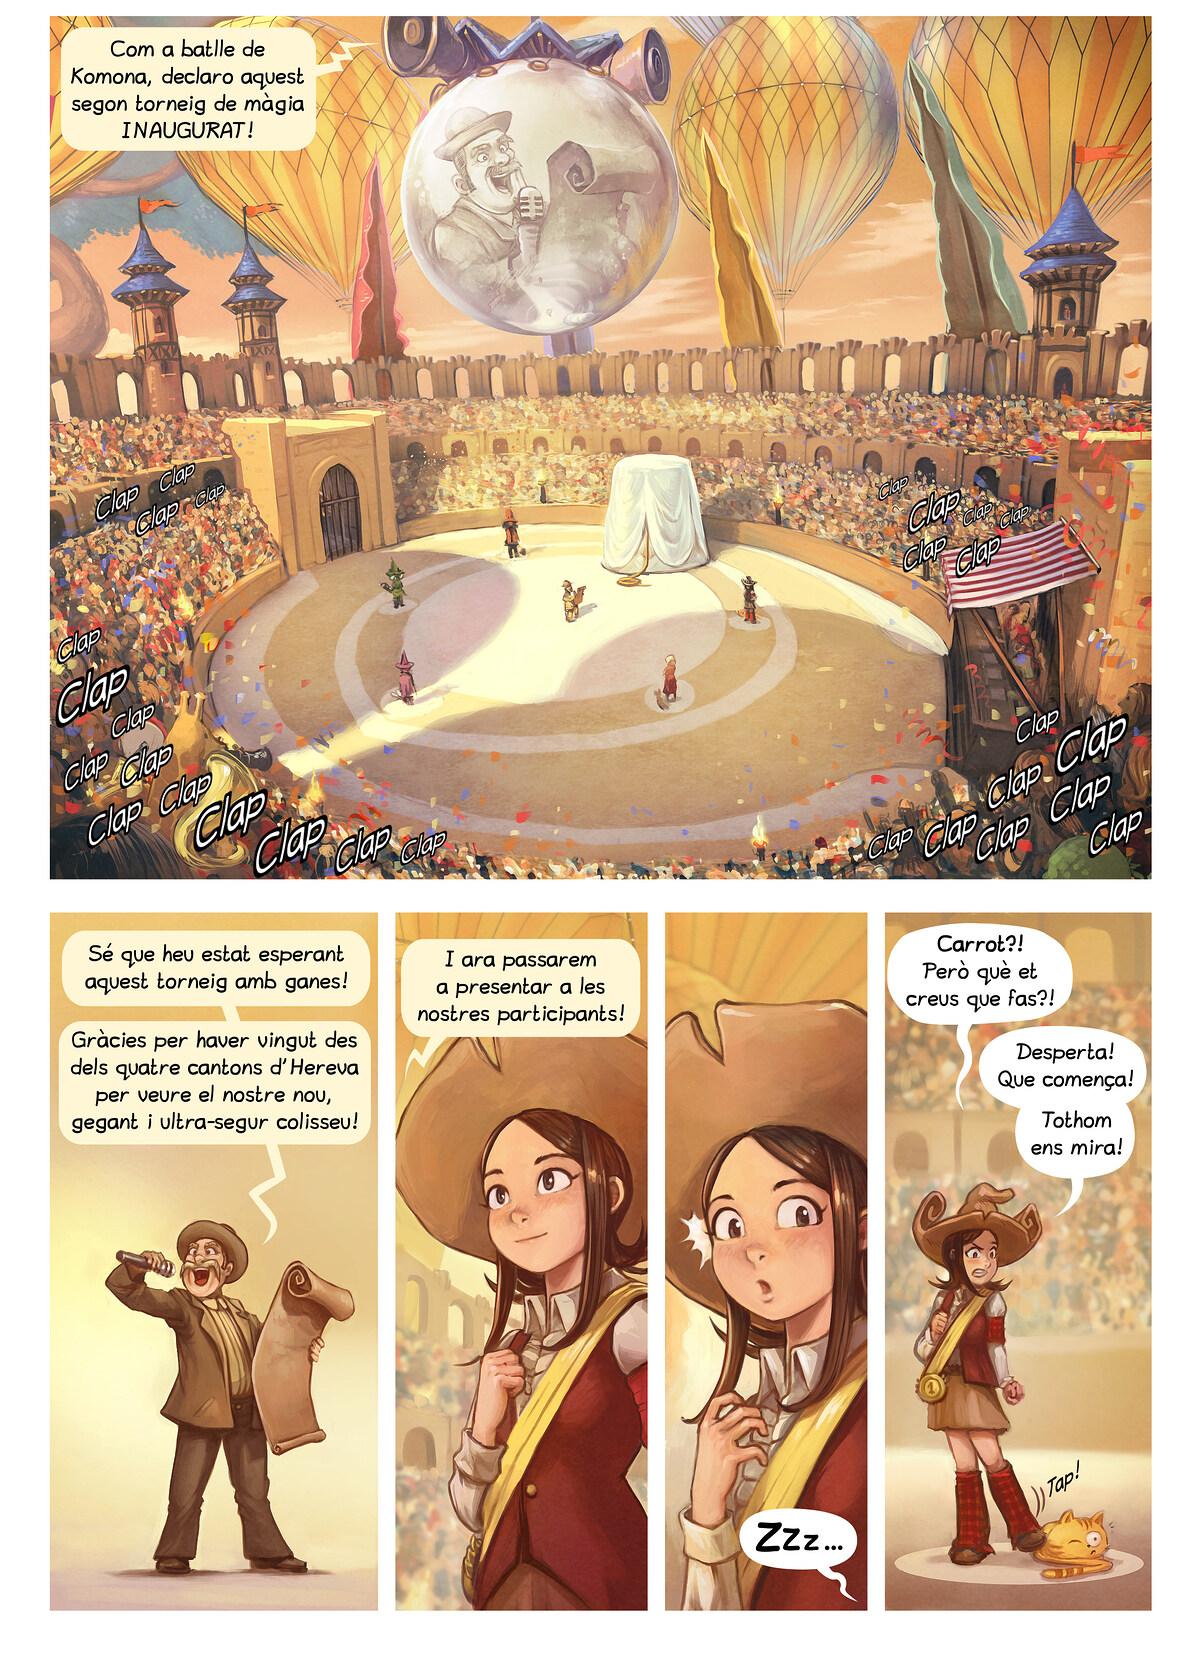 A webcomic page of Pepper&Carrot, episodi 21 [ca], pàgina 3